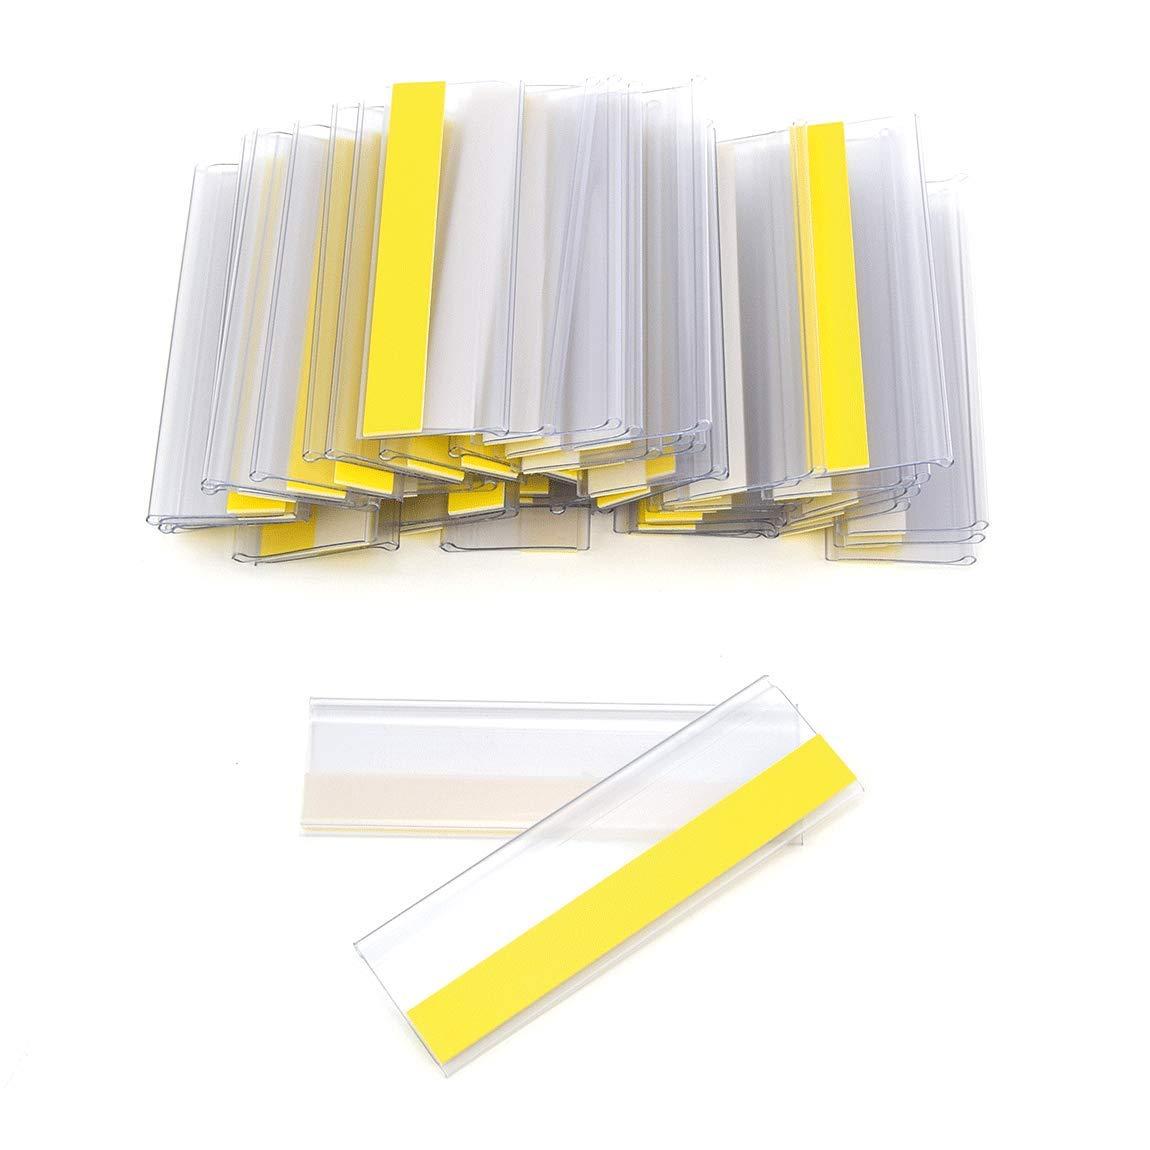 Selbstklebende Etikettenhalter für Einstecketiketten 300 mm Breit/Tickethalter/Etiketten Halter (18 mm Höhe, Transparent, 50 Stück)